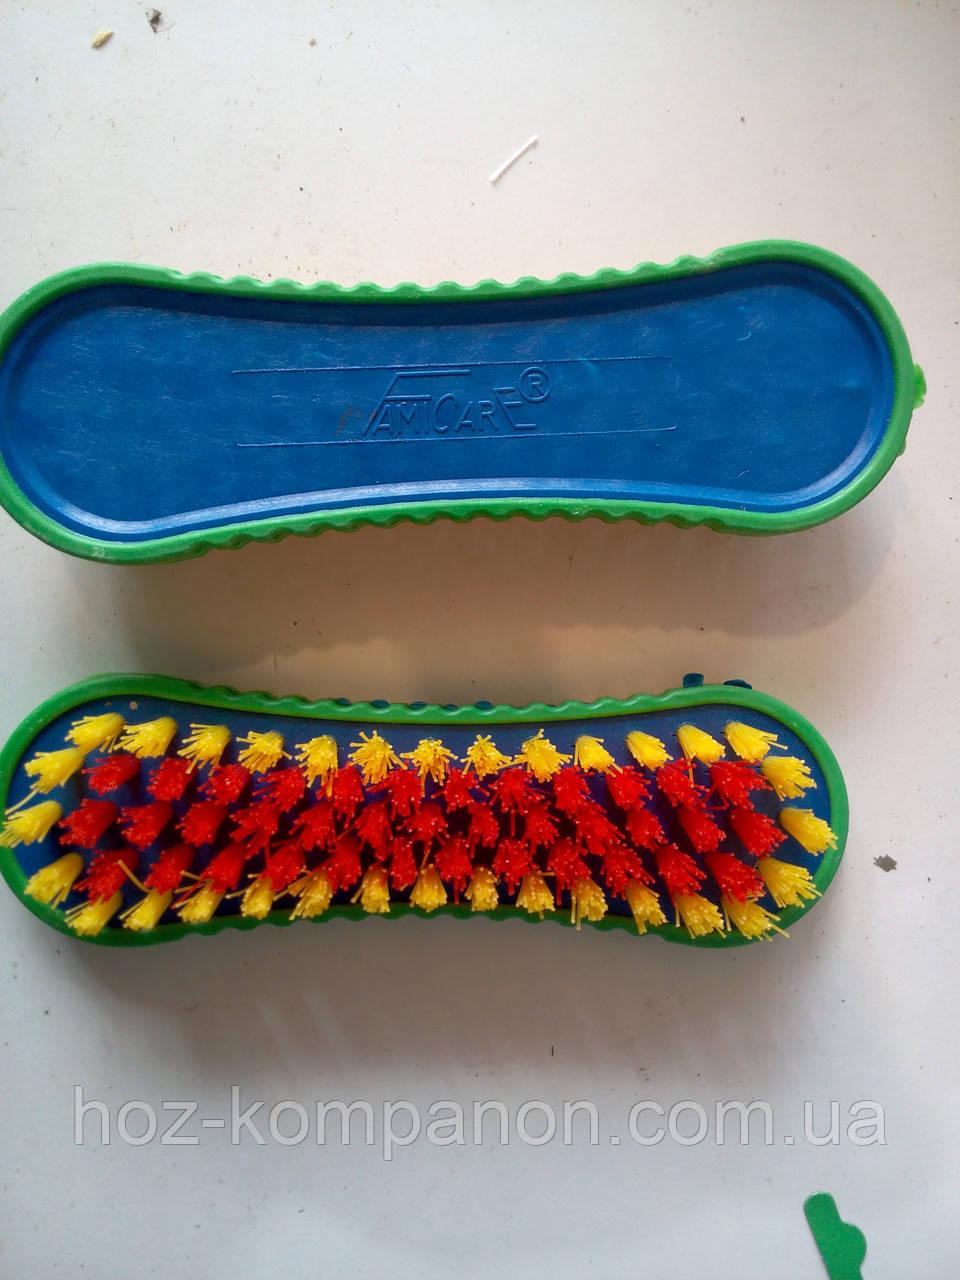 Щетка обувь пластмас 14см